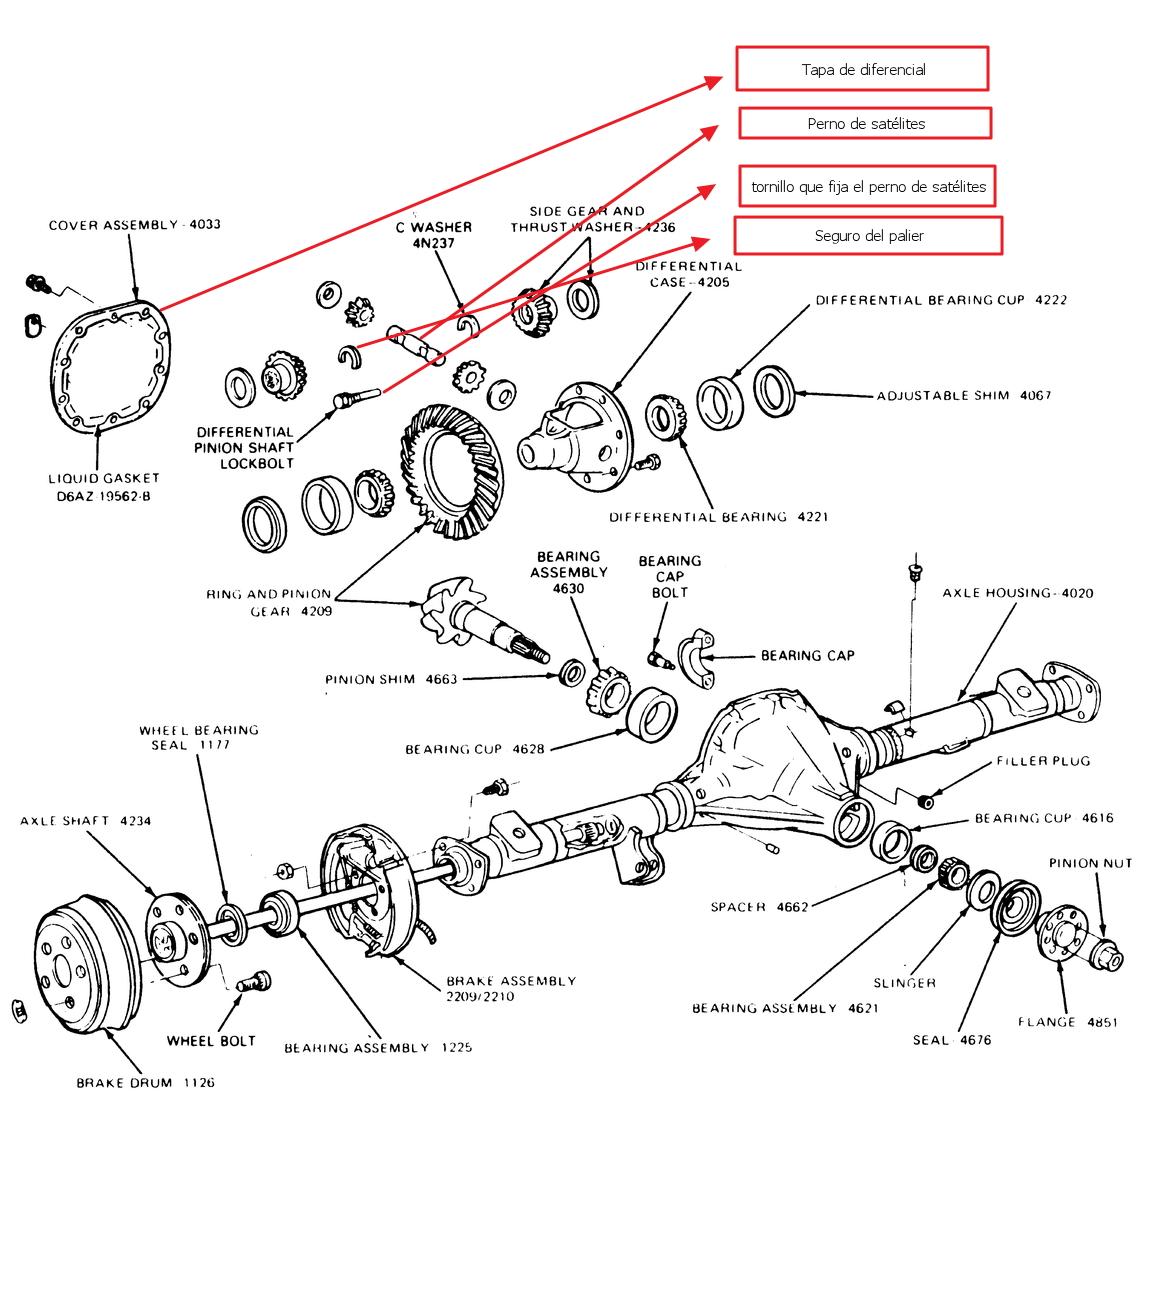 como se realiza el cambio de rodillo de palier